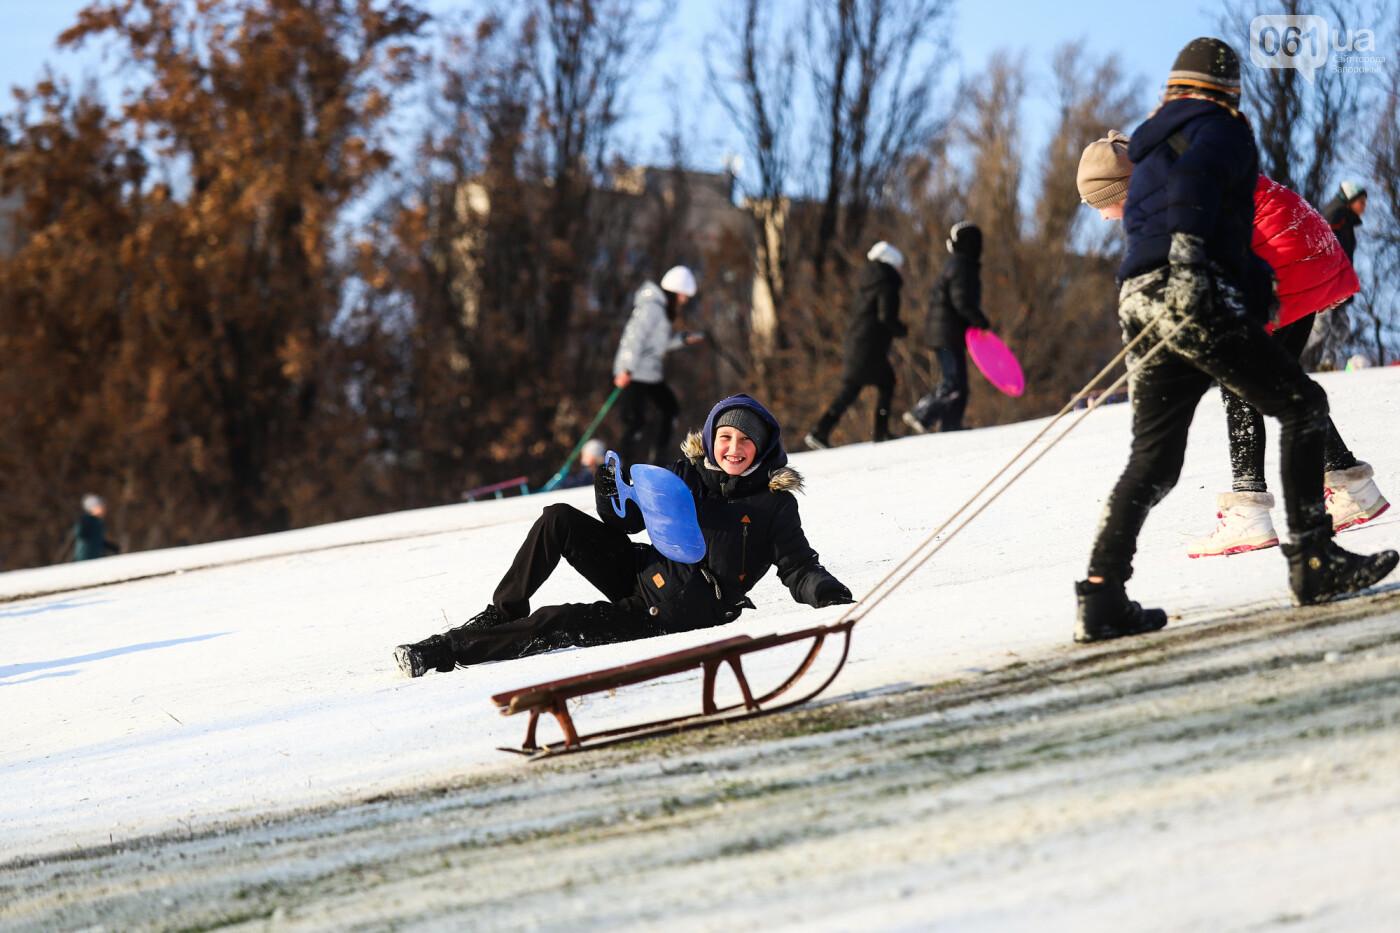 На санках, лыжах и сноуборде: запорожцы устроили массовое катание с горок в Вознесеновском парке, - ФОТОРЕПОРТАЖ, фото-70